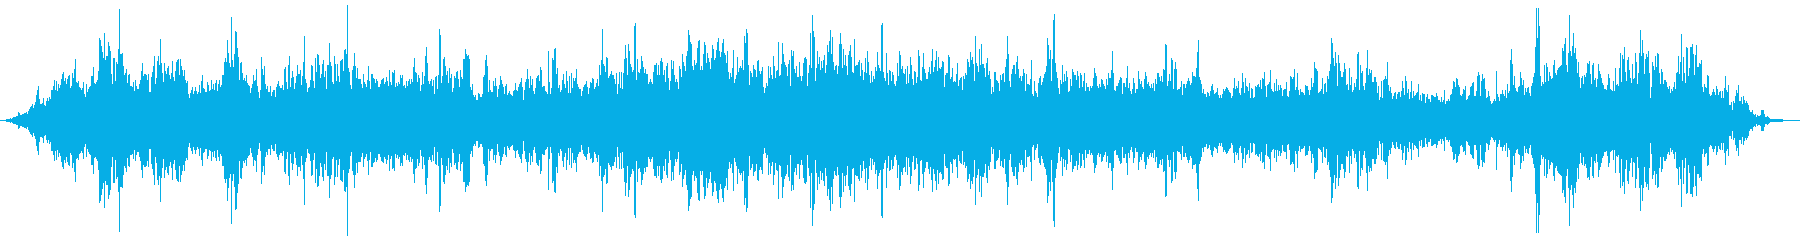 高低ハウリングエイリアンウィンズコ...の再生済みの波形